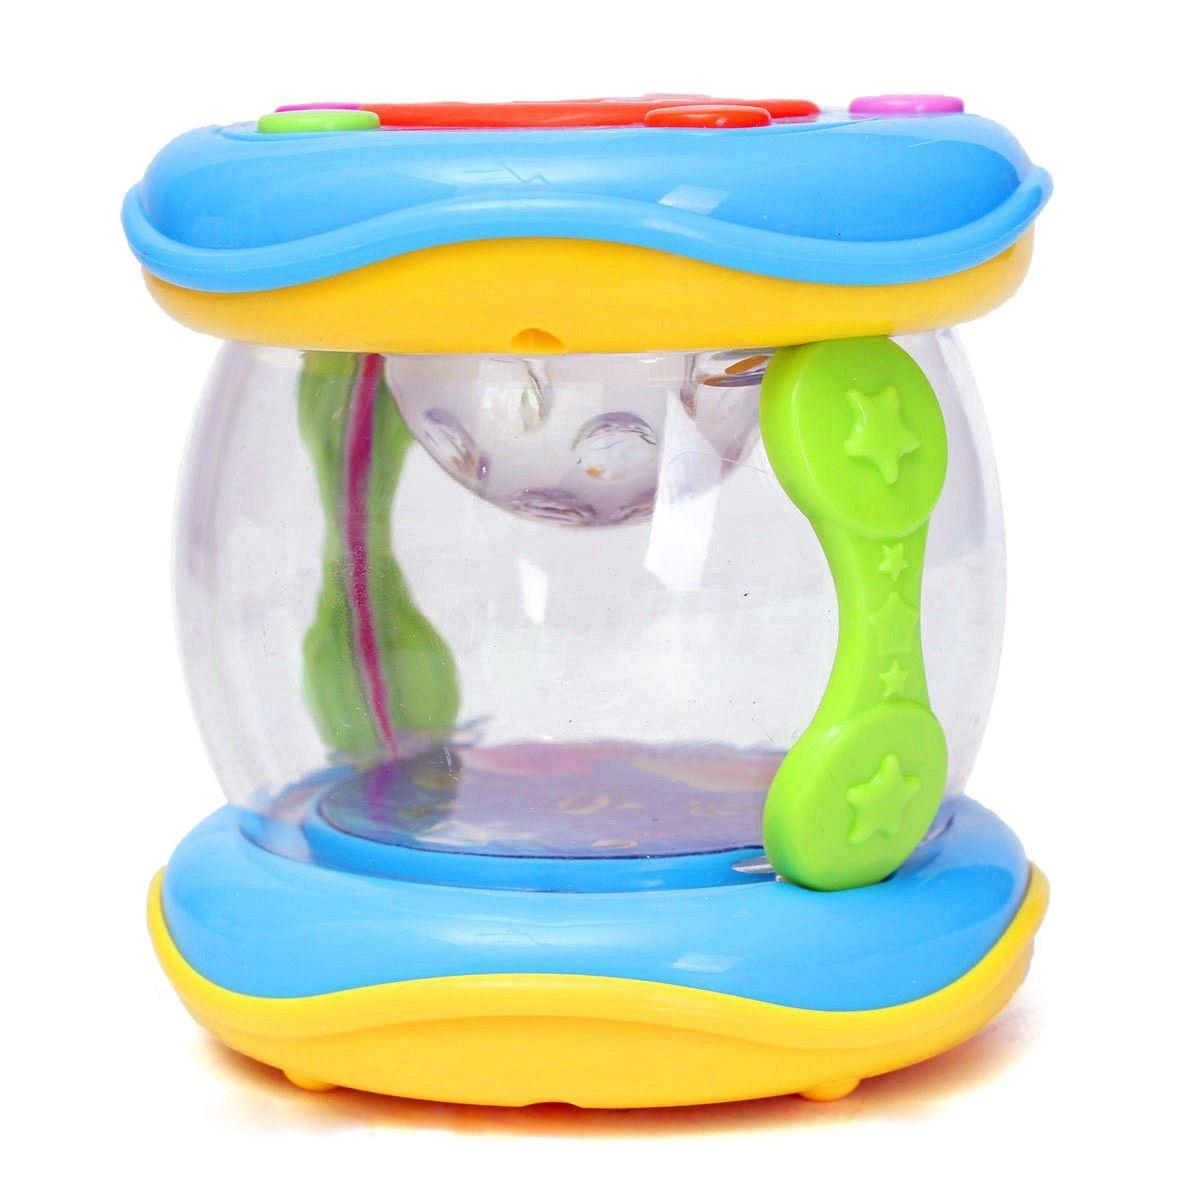 Rollo de plástico LED tambor instrumentos de música preescolares chicos, niños, bebés juguete, tambor